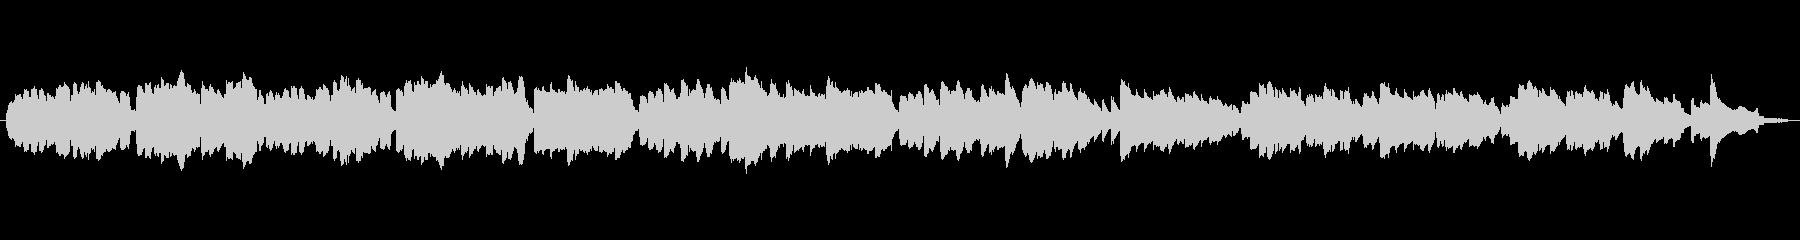 クラギとフルートのほのぼのした曲の未再生の波形